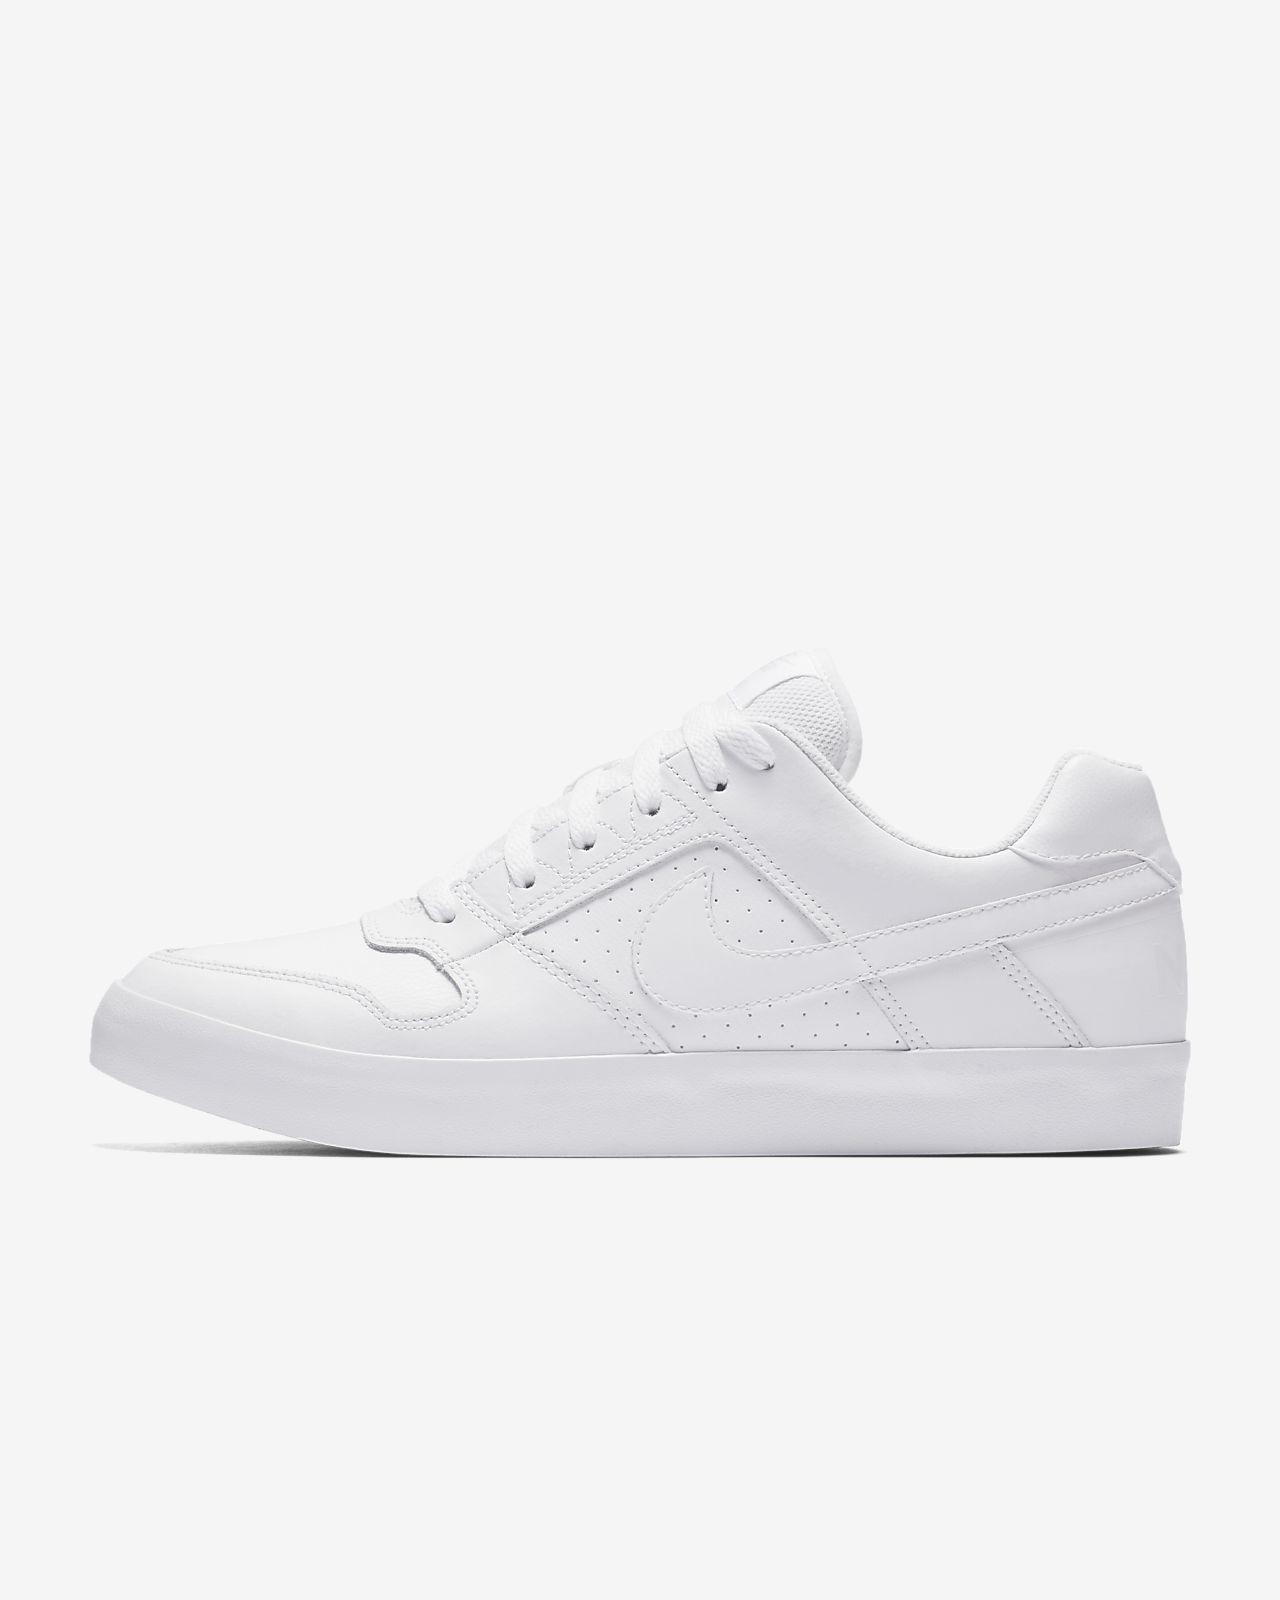 Pánská skateboardová bota Nike SB Delta Force Vulc